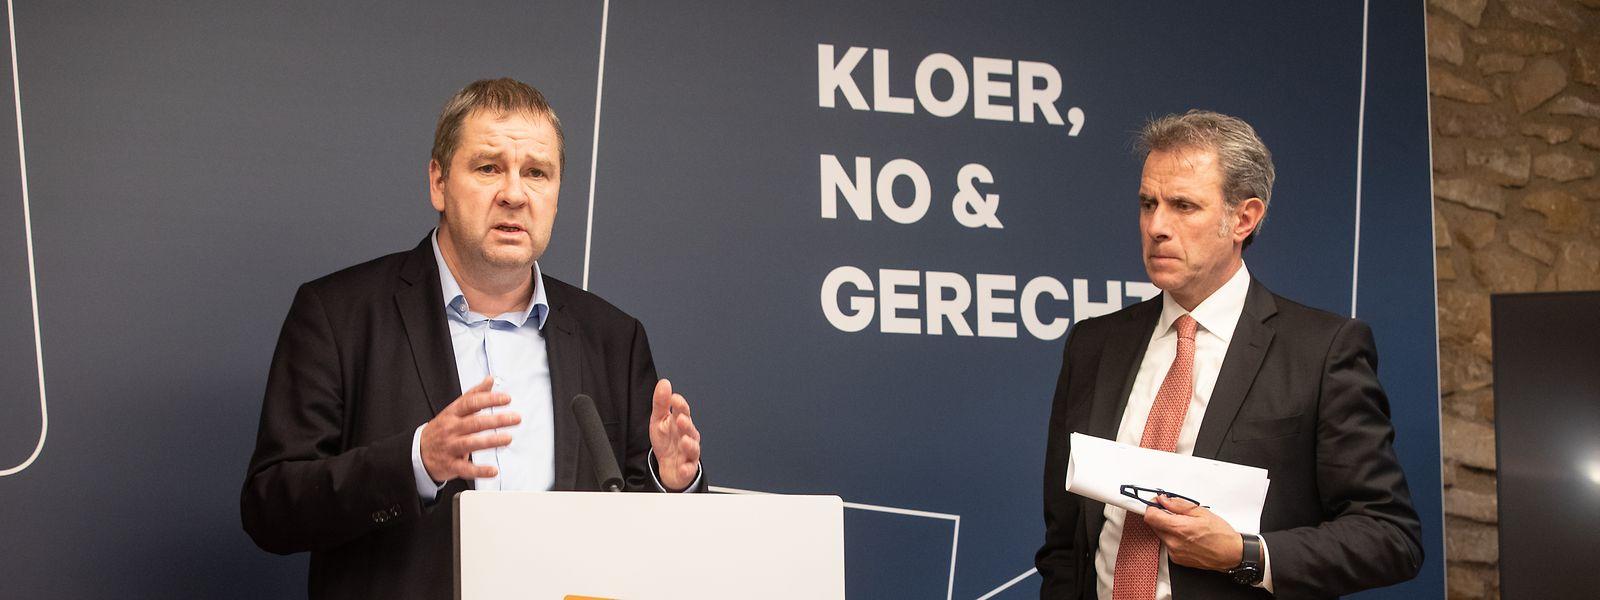 Der CSV-Abgeordete Michel Wolter sprach am Dienstagnachmittag über Ungereimtheiten im Dosssier Gartenhausaffäre. (rechts im Bild: CSV-Generalsekretär Félix Eischen).